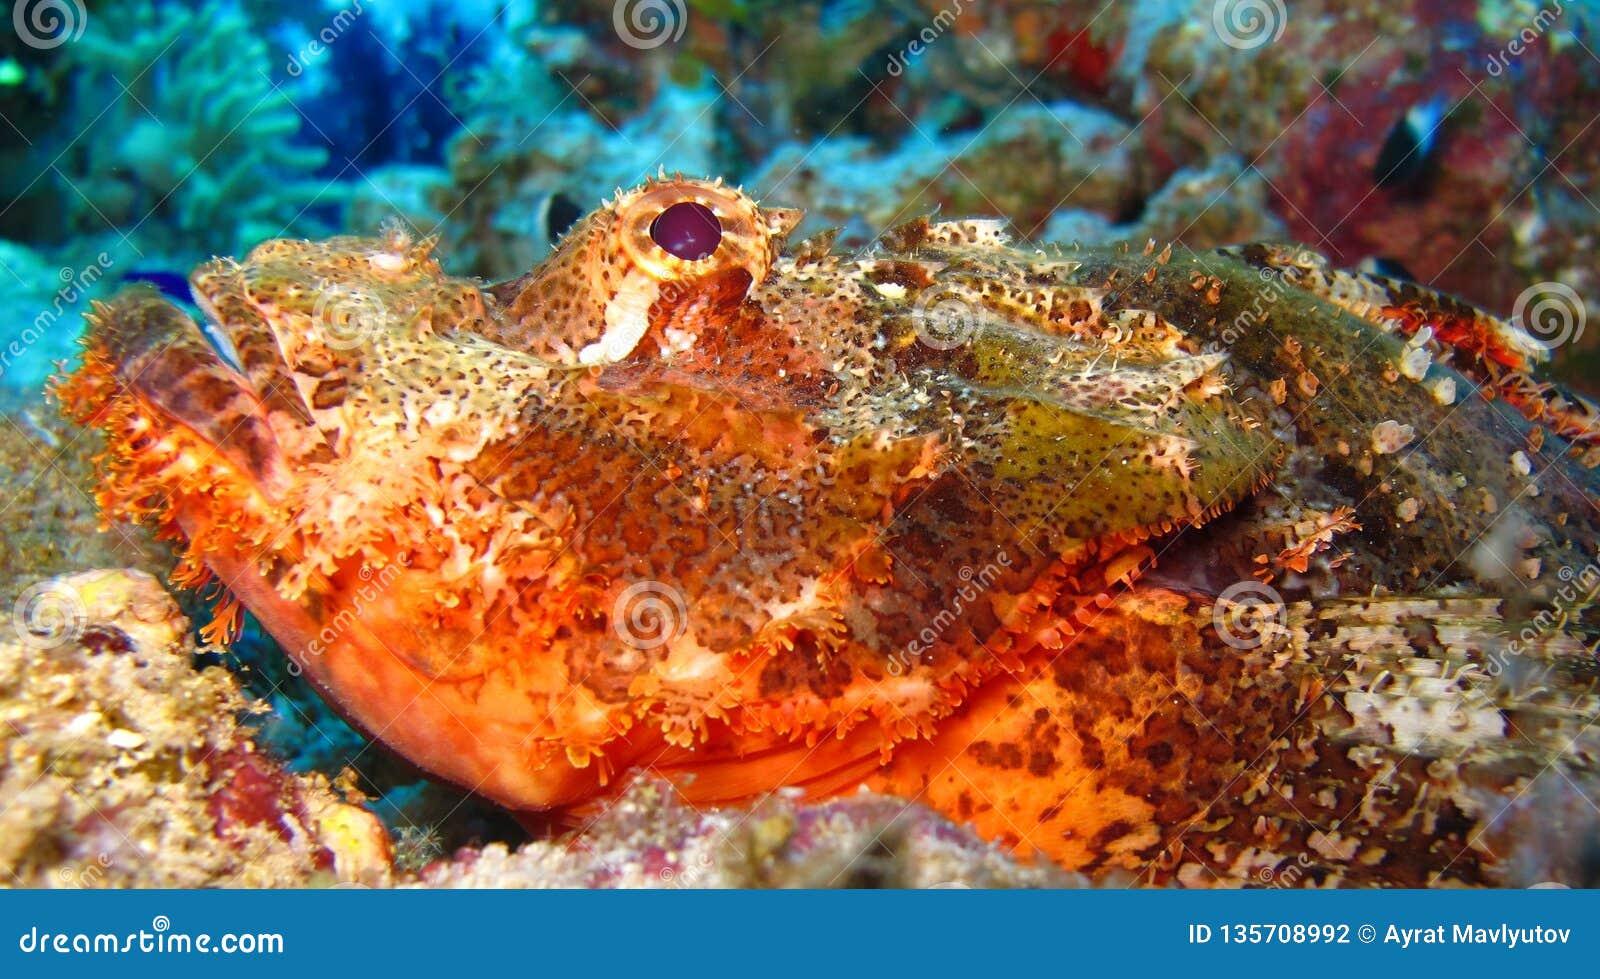 Mundo subacuático en agua profunda en flora de las flores del arrecife de coral y de las plantas en fauna del mundo azul, pescado